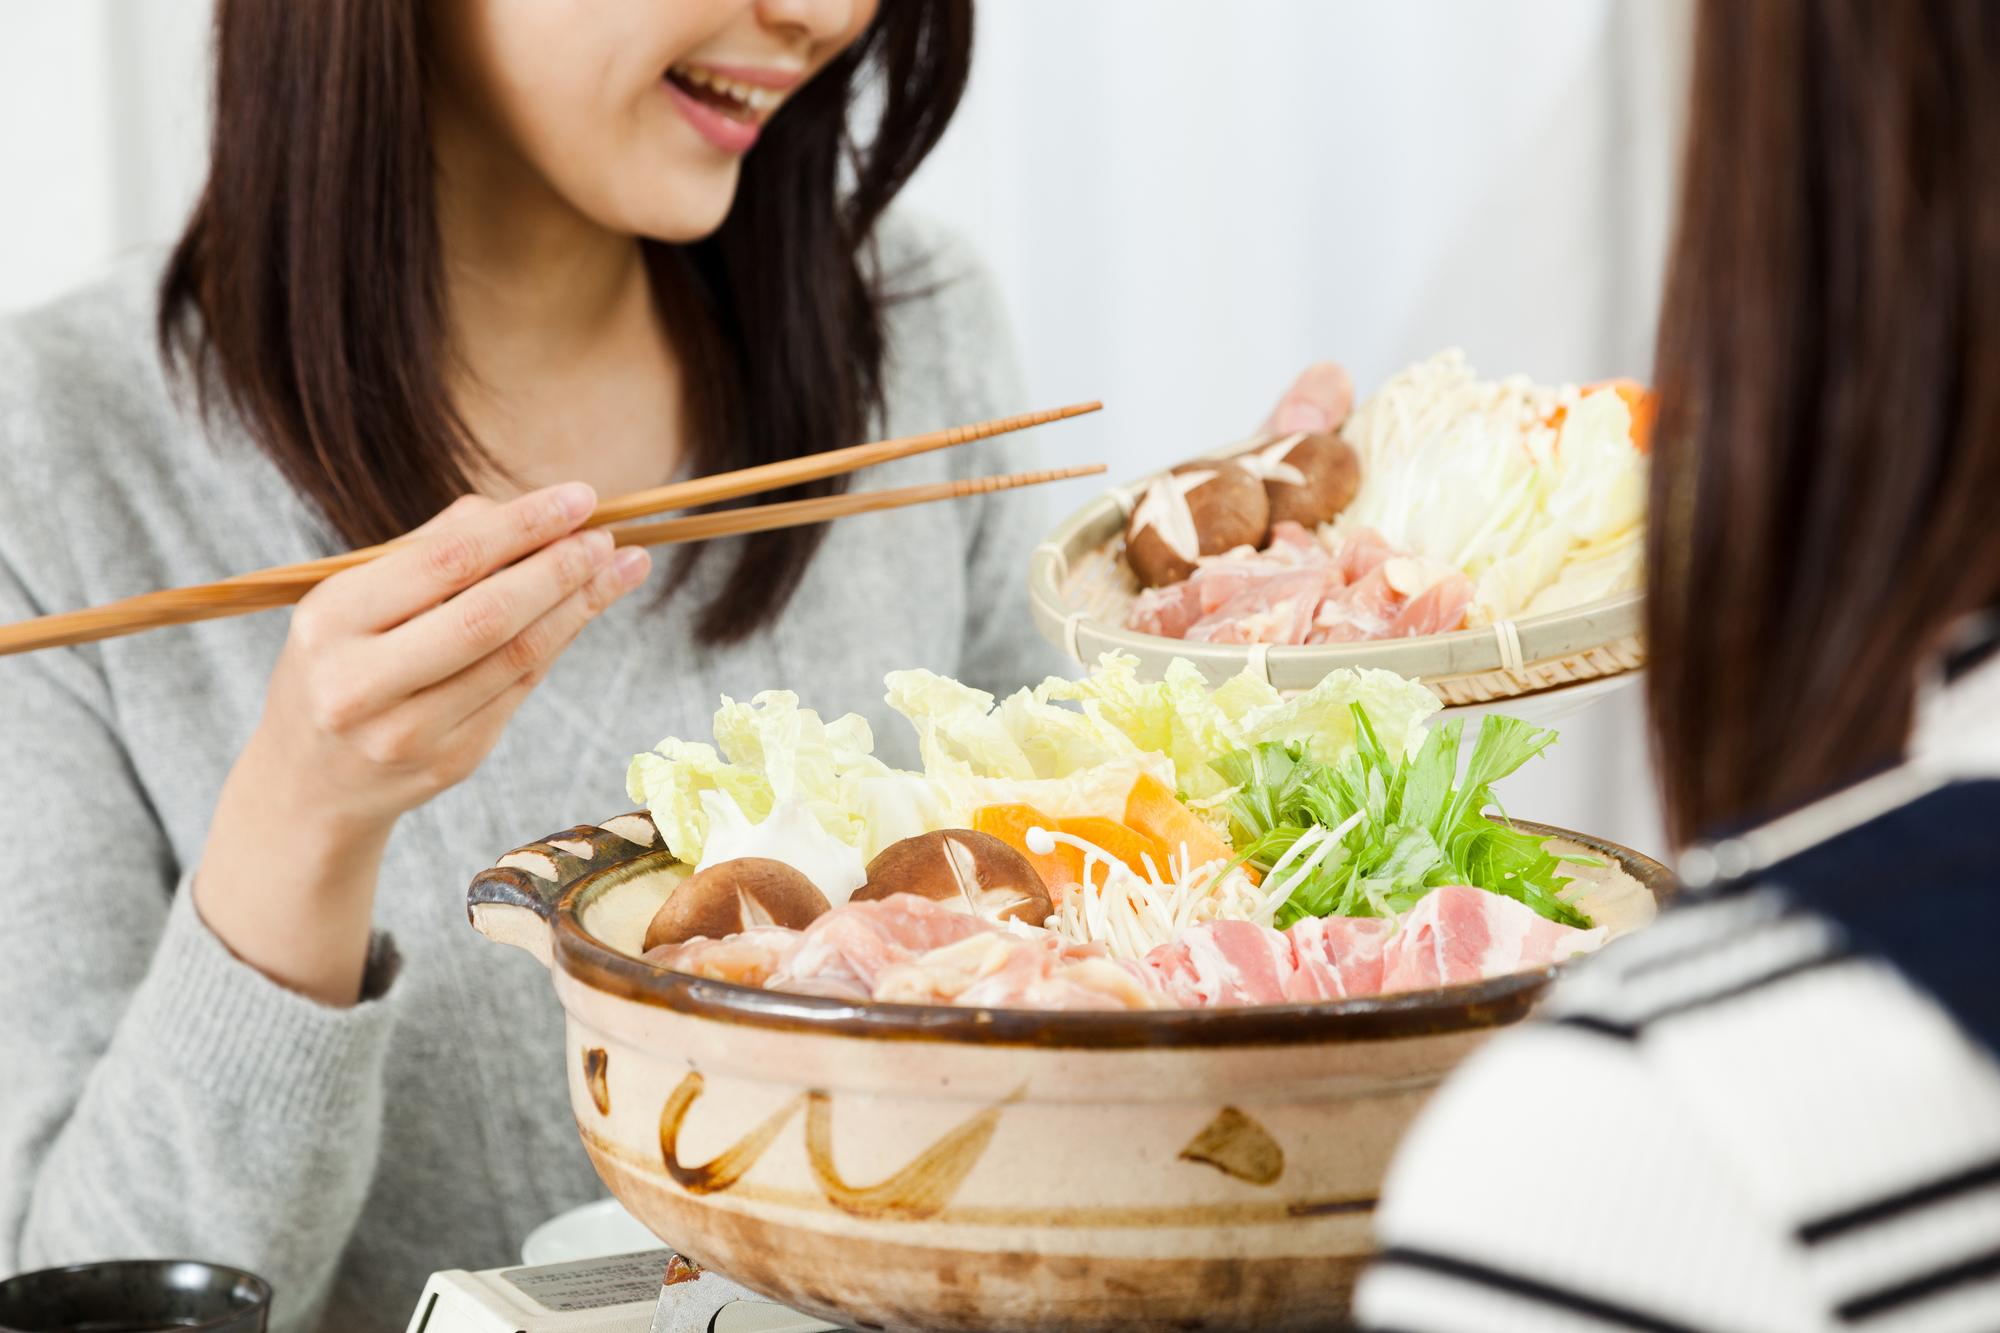 【鍋パの季節!】レンタルスペースで一味違う鍋パーティーを♪成功のポイント3か条!